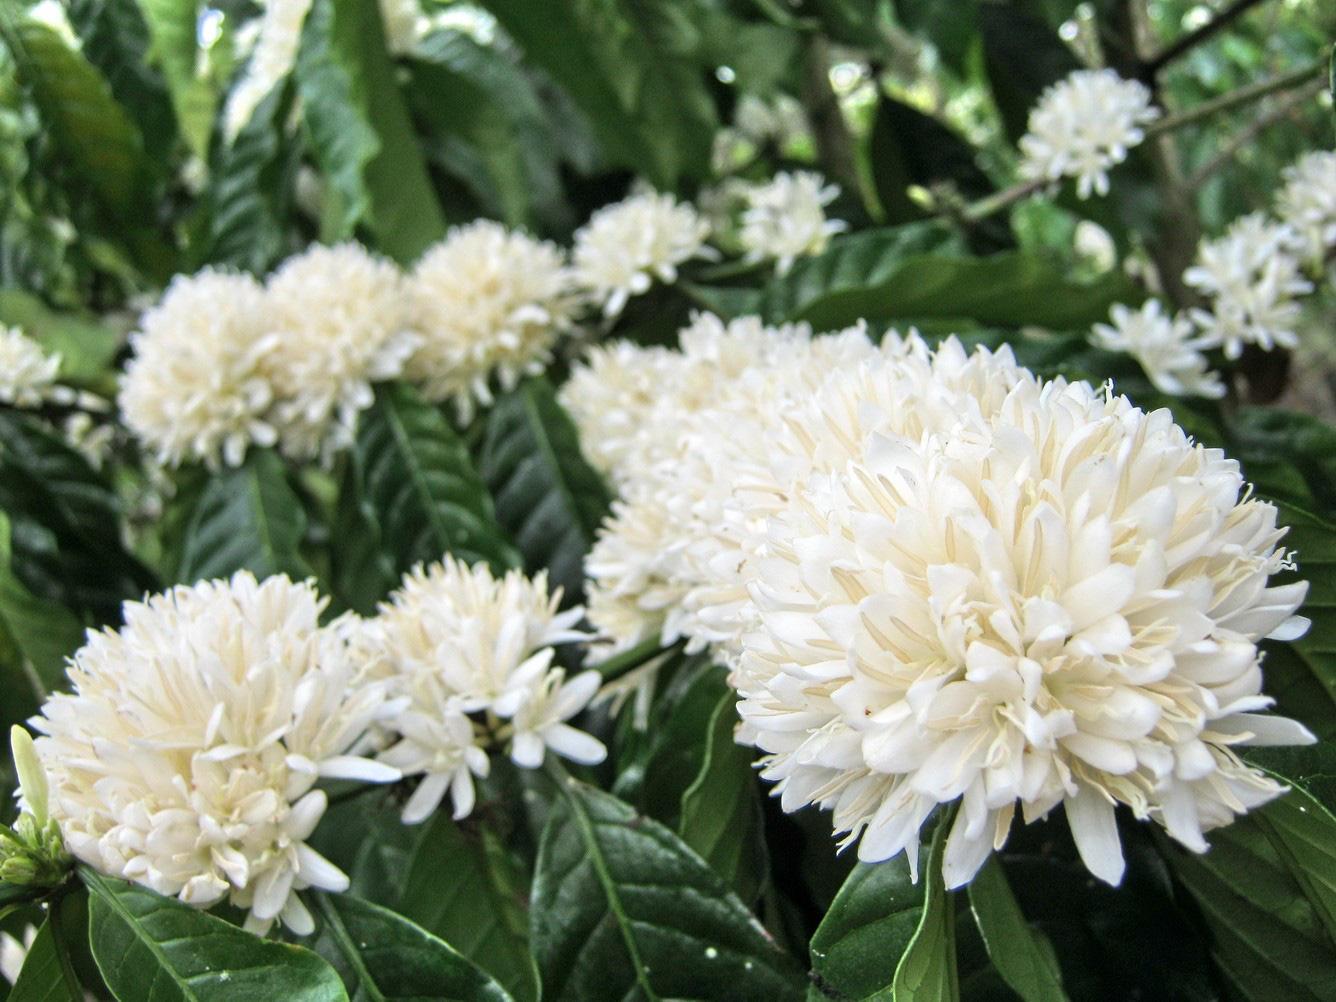 Tháng 3, bạt ngàn sắc trắng tinh khôi hoa cà phê tại đại ngàn Tây Nguyên - Ảnh 1.